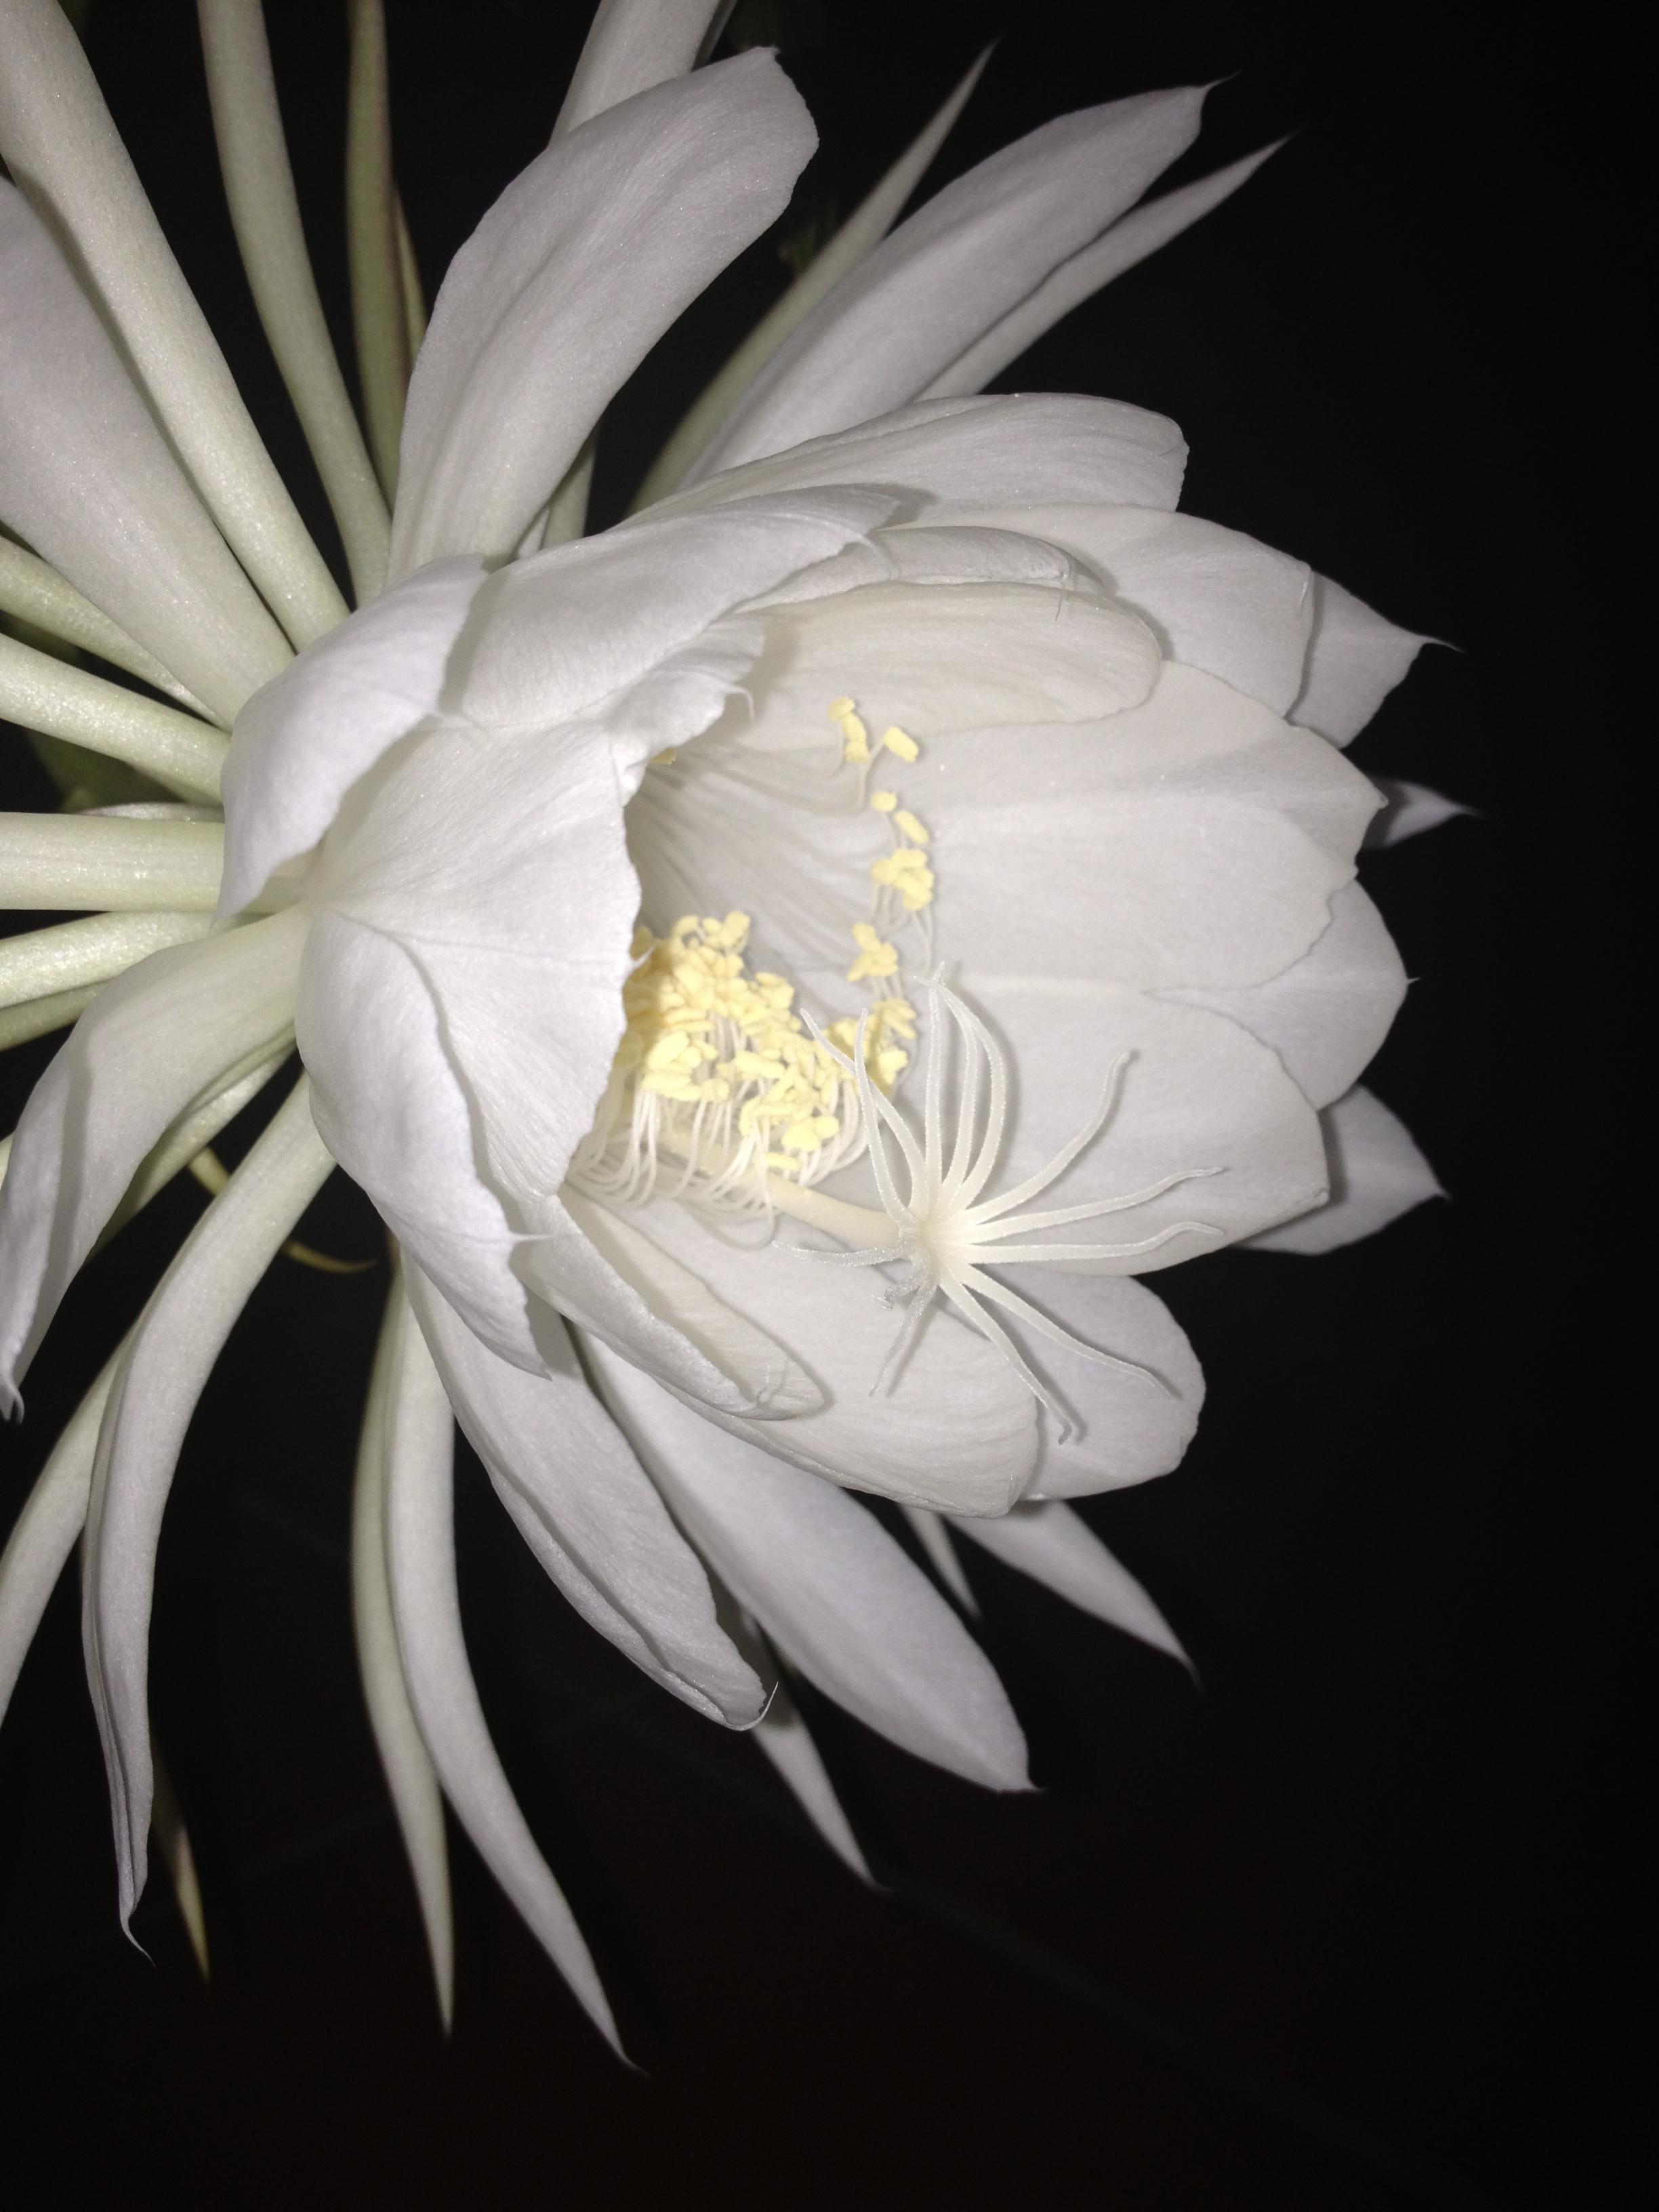 Botanical genus-epiphyllum oxypetallum, night blooming cereus